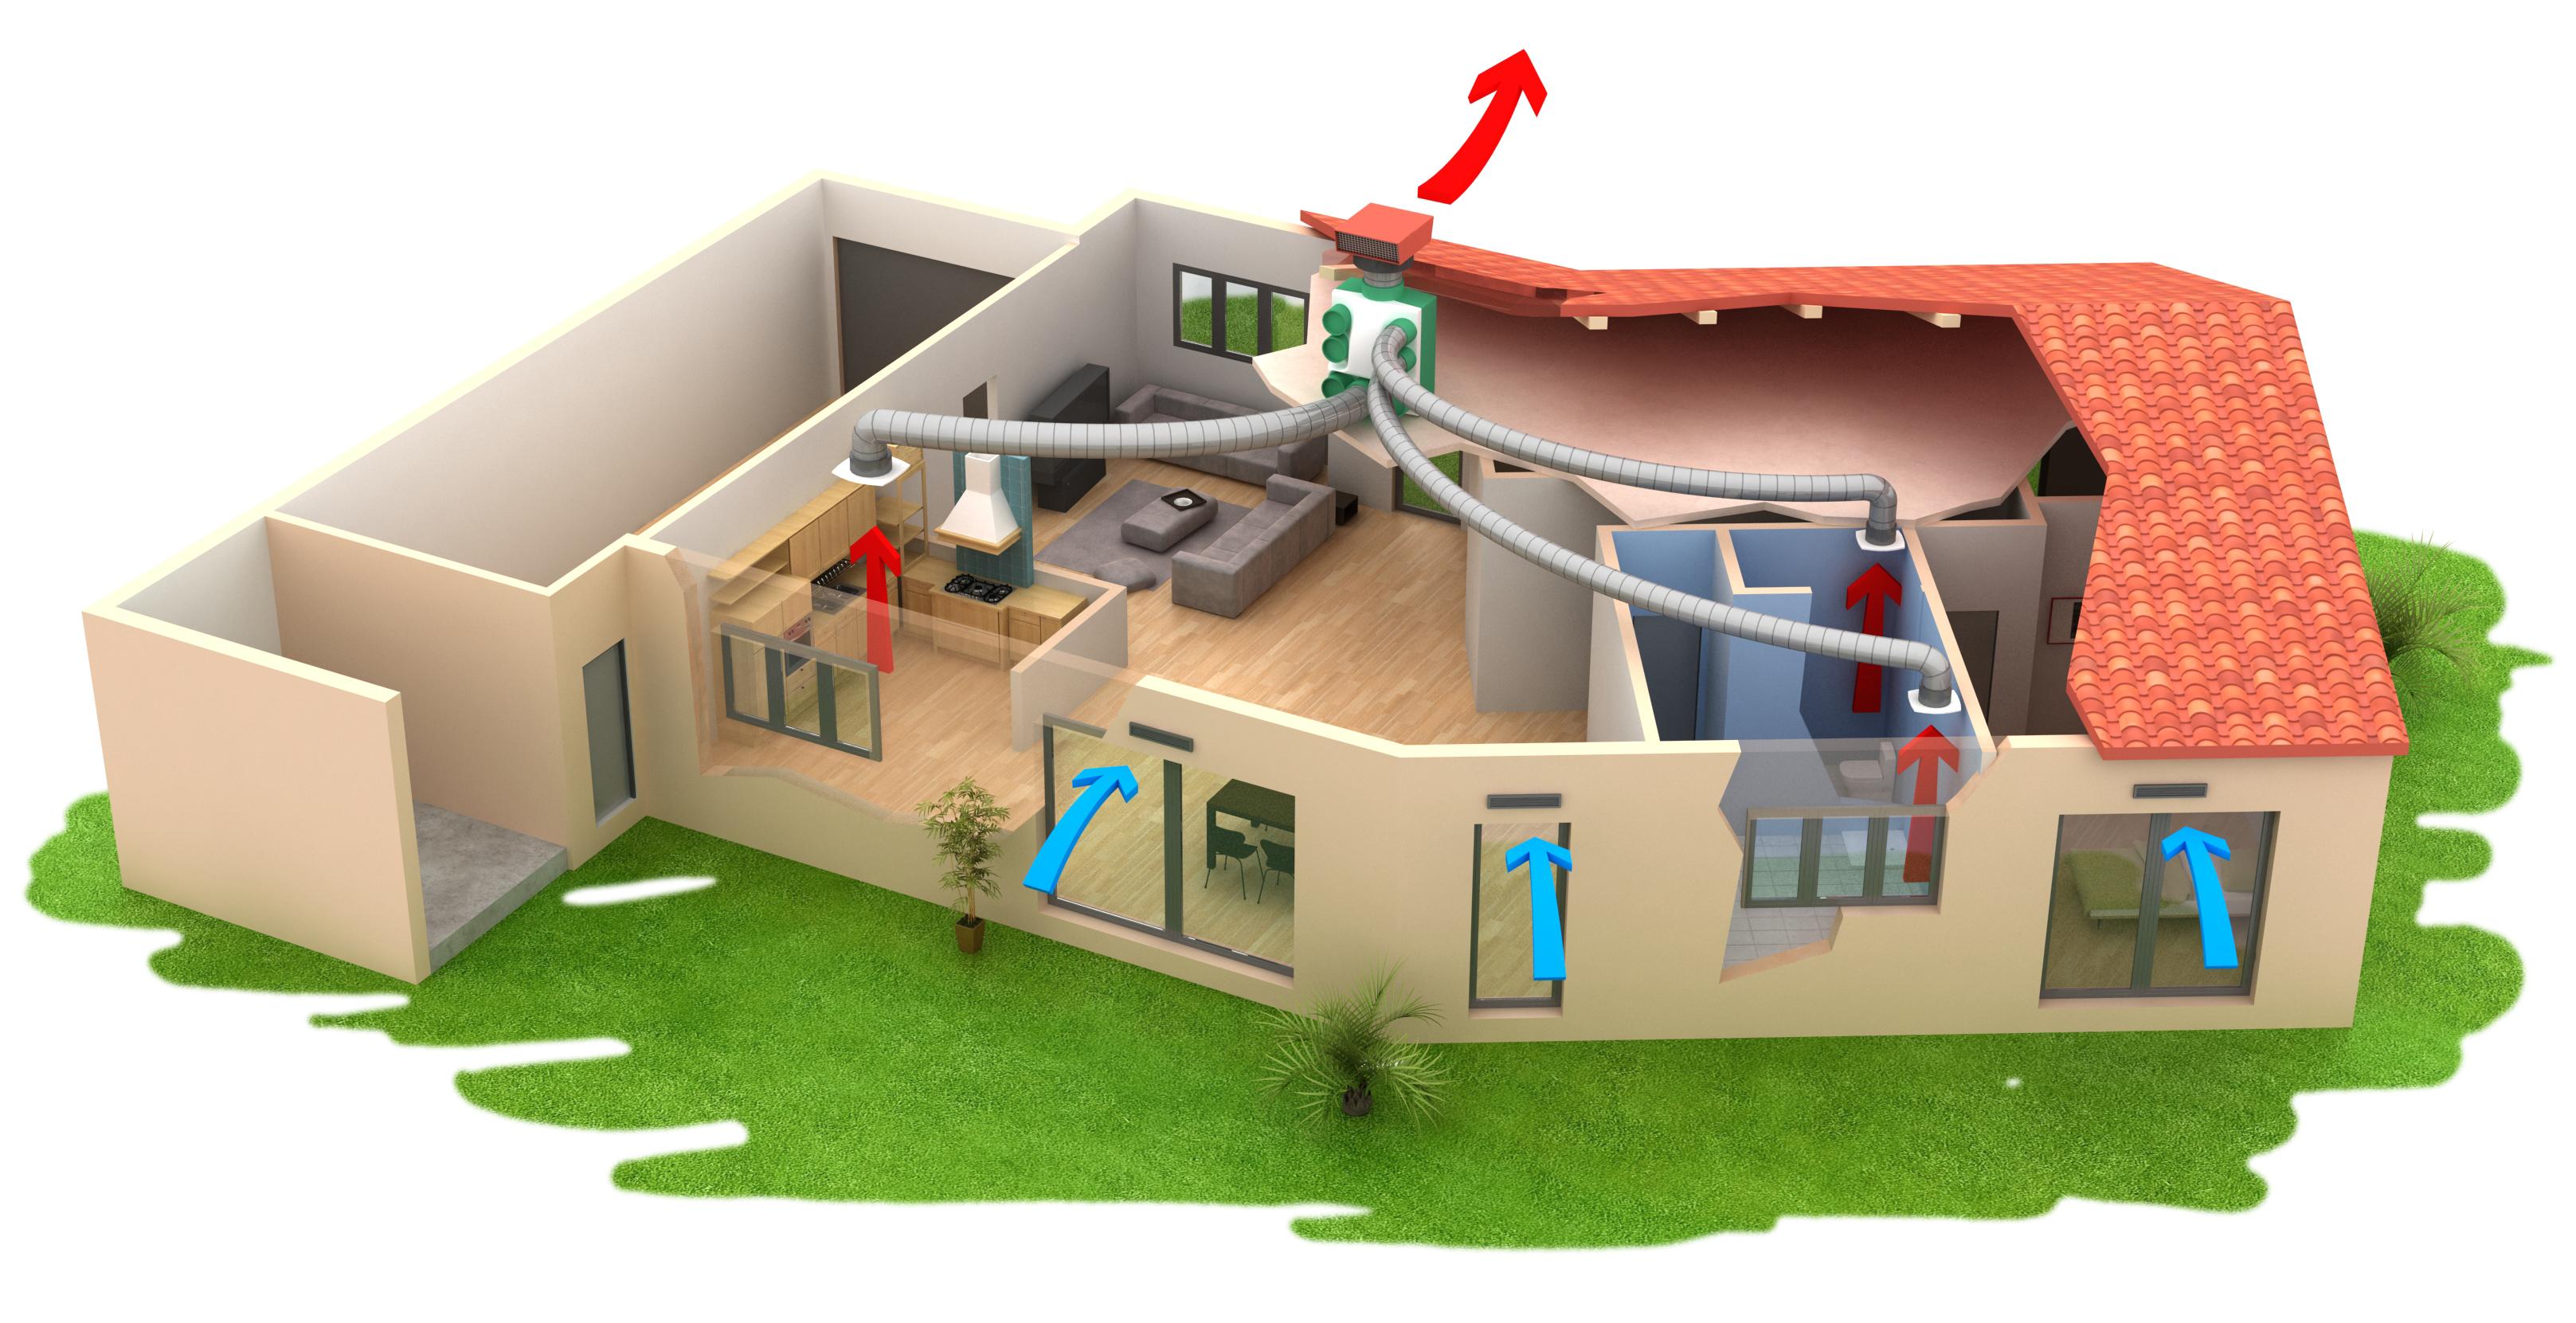 maison-ventilation-unelvent